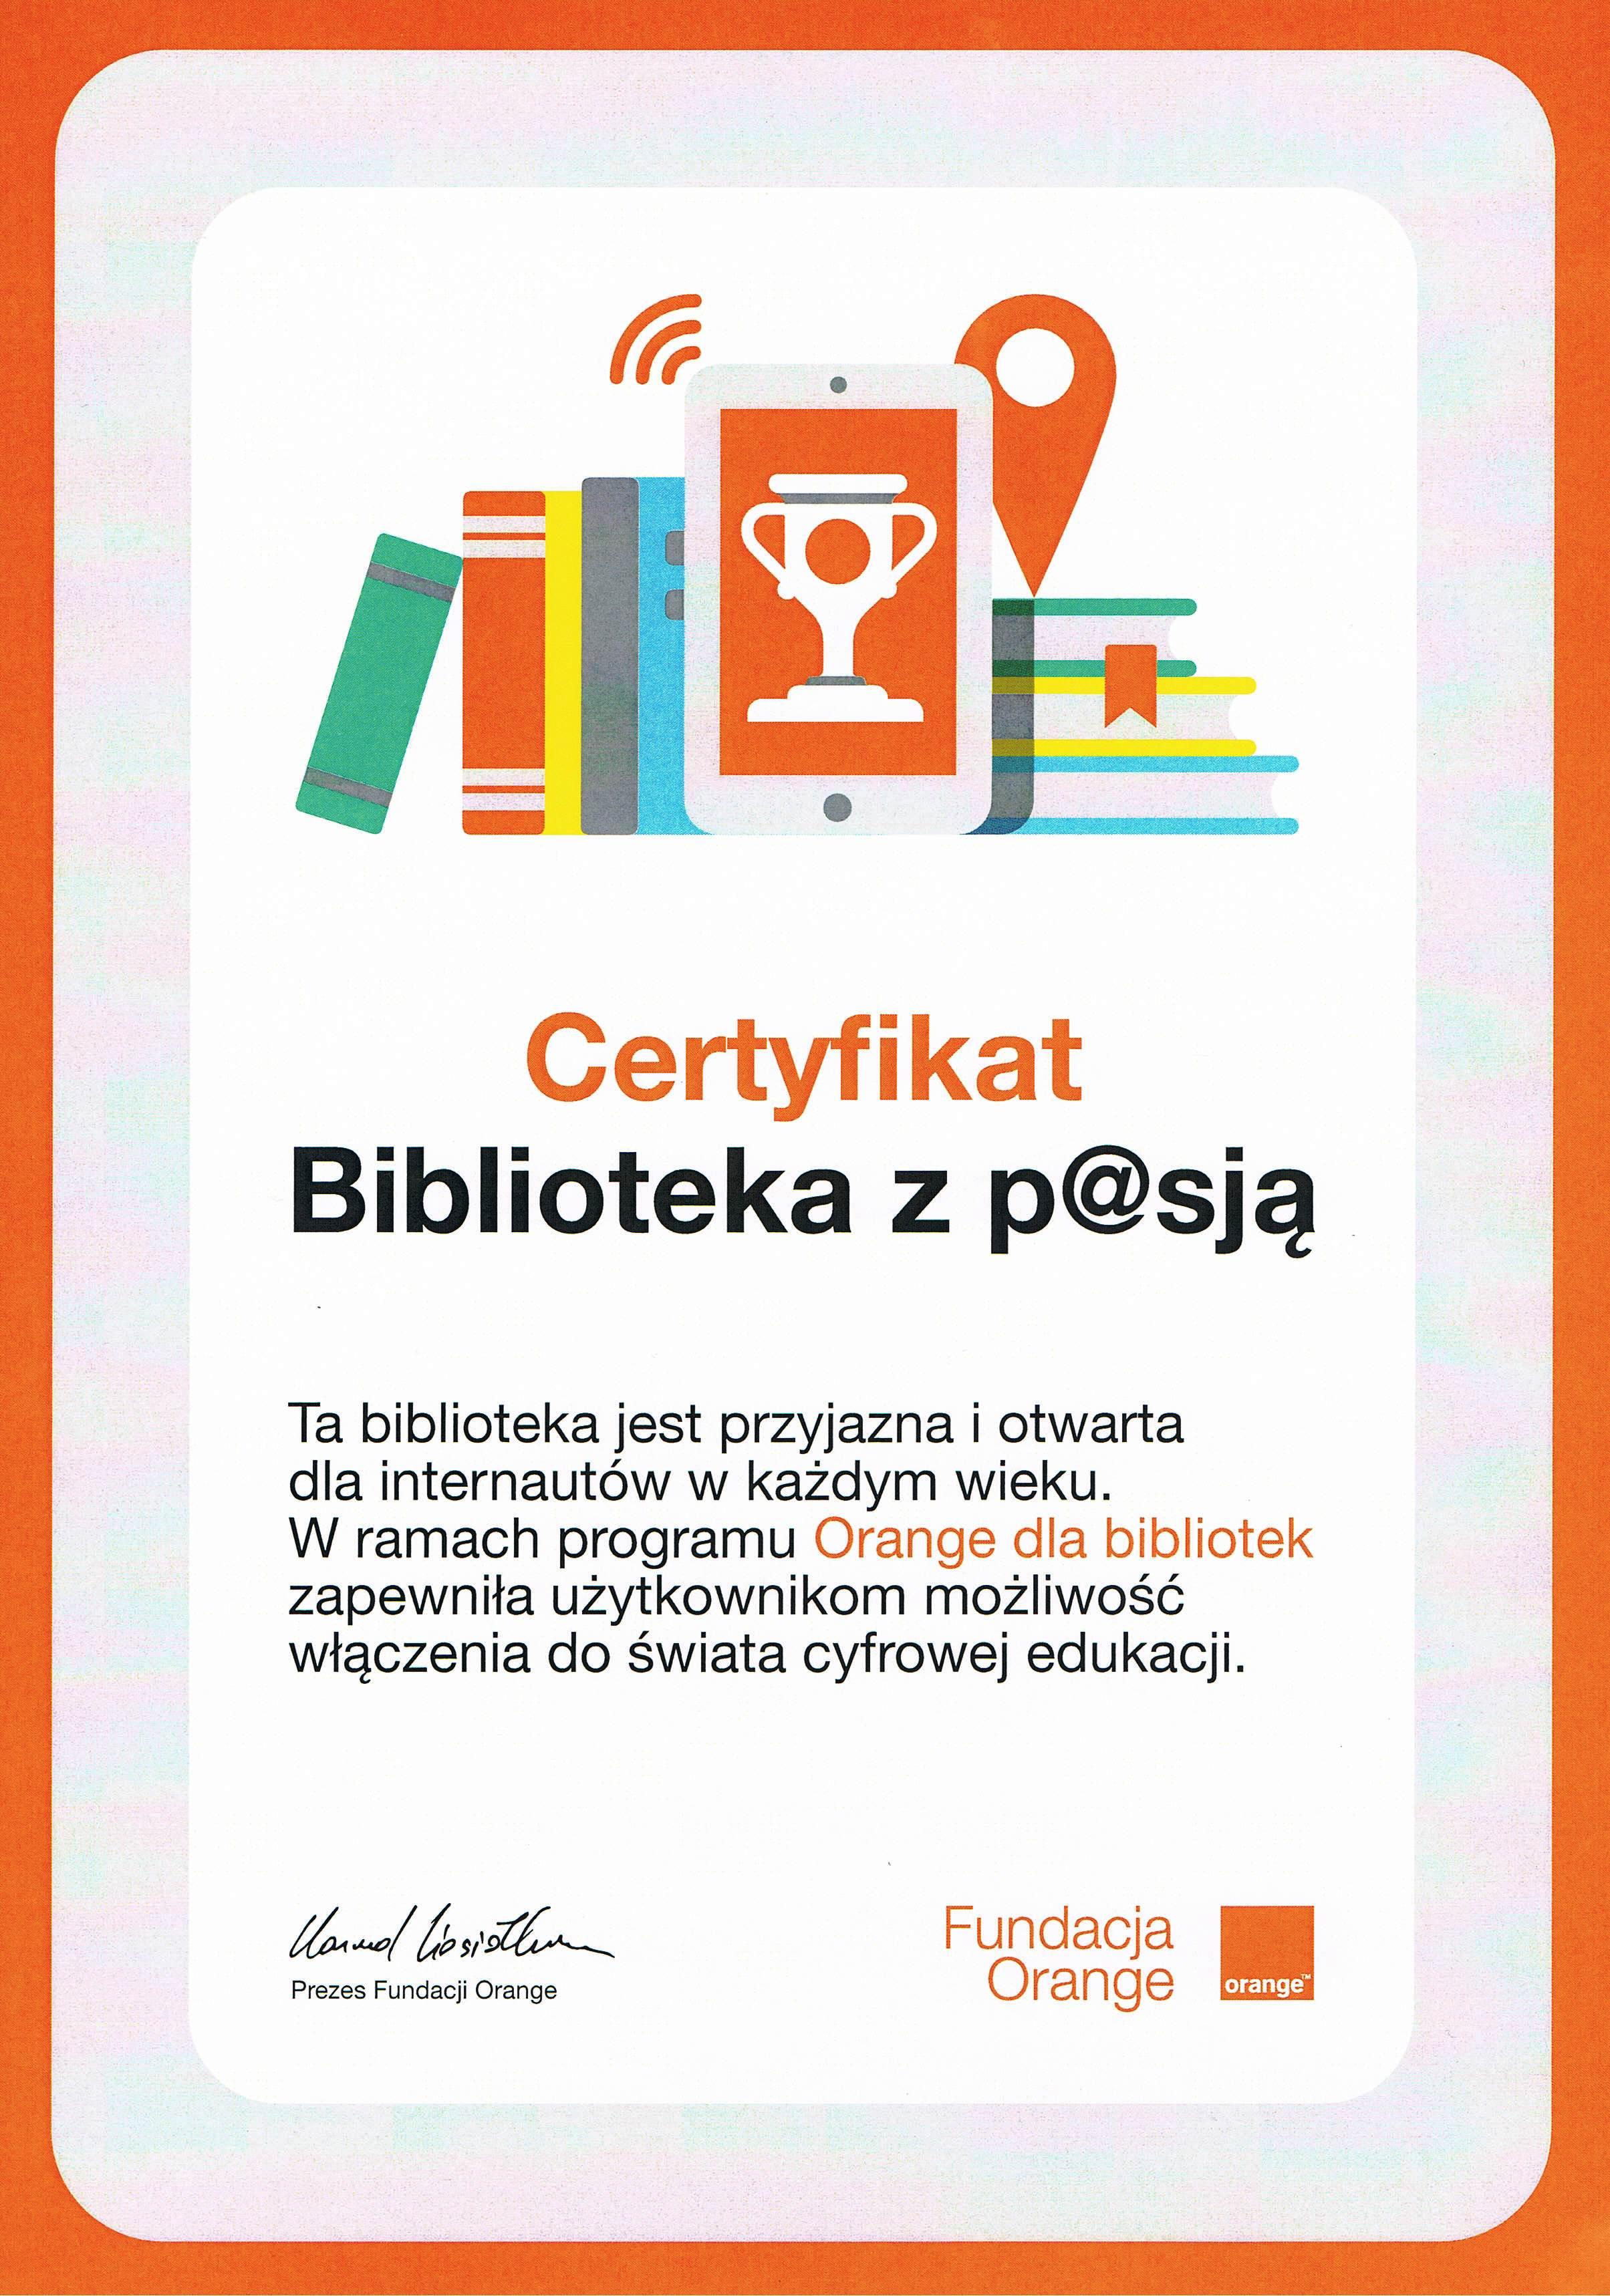 M-GBP w Mordach - biblioteką z p@sją!